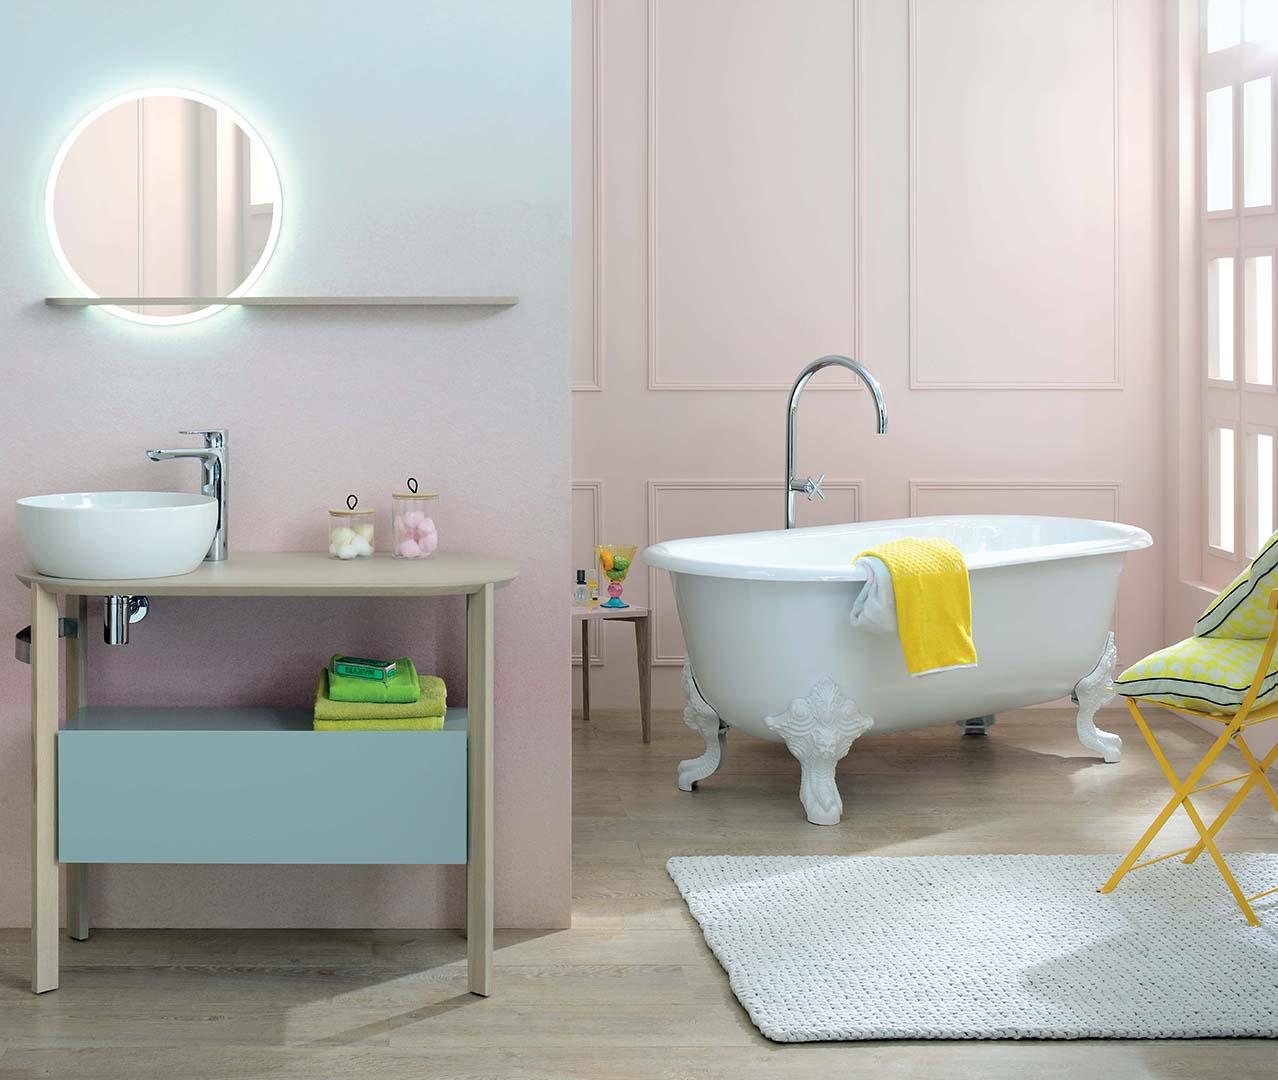 Gamme Sacha, meuble salle de bain rétro - Sanijura